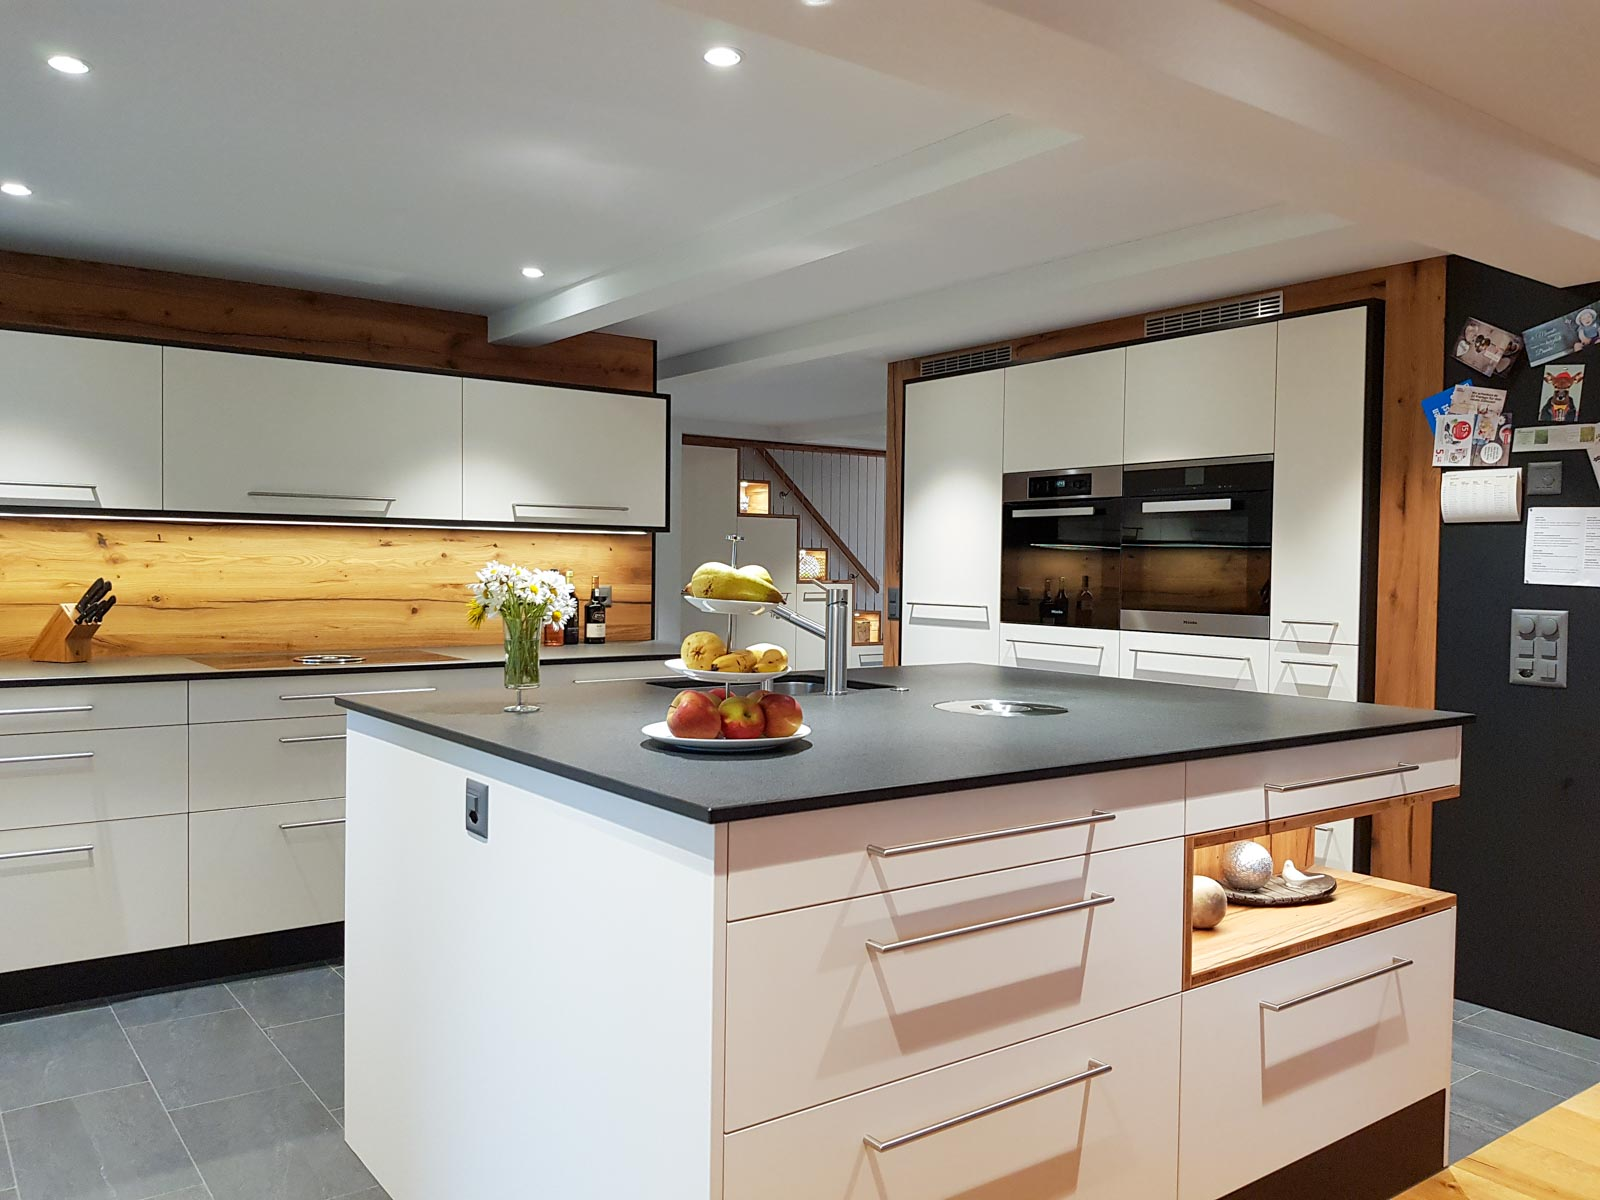 Wooddesign_Küchen_Umbau_Einbauküchen-modern_Altholz (2)